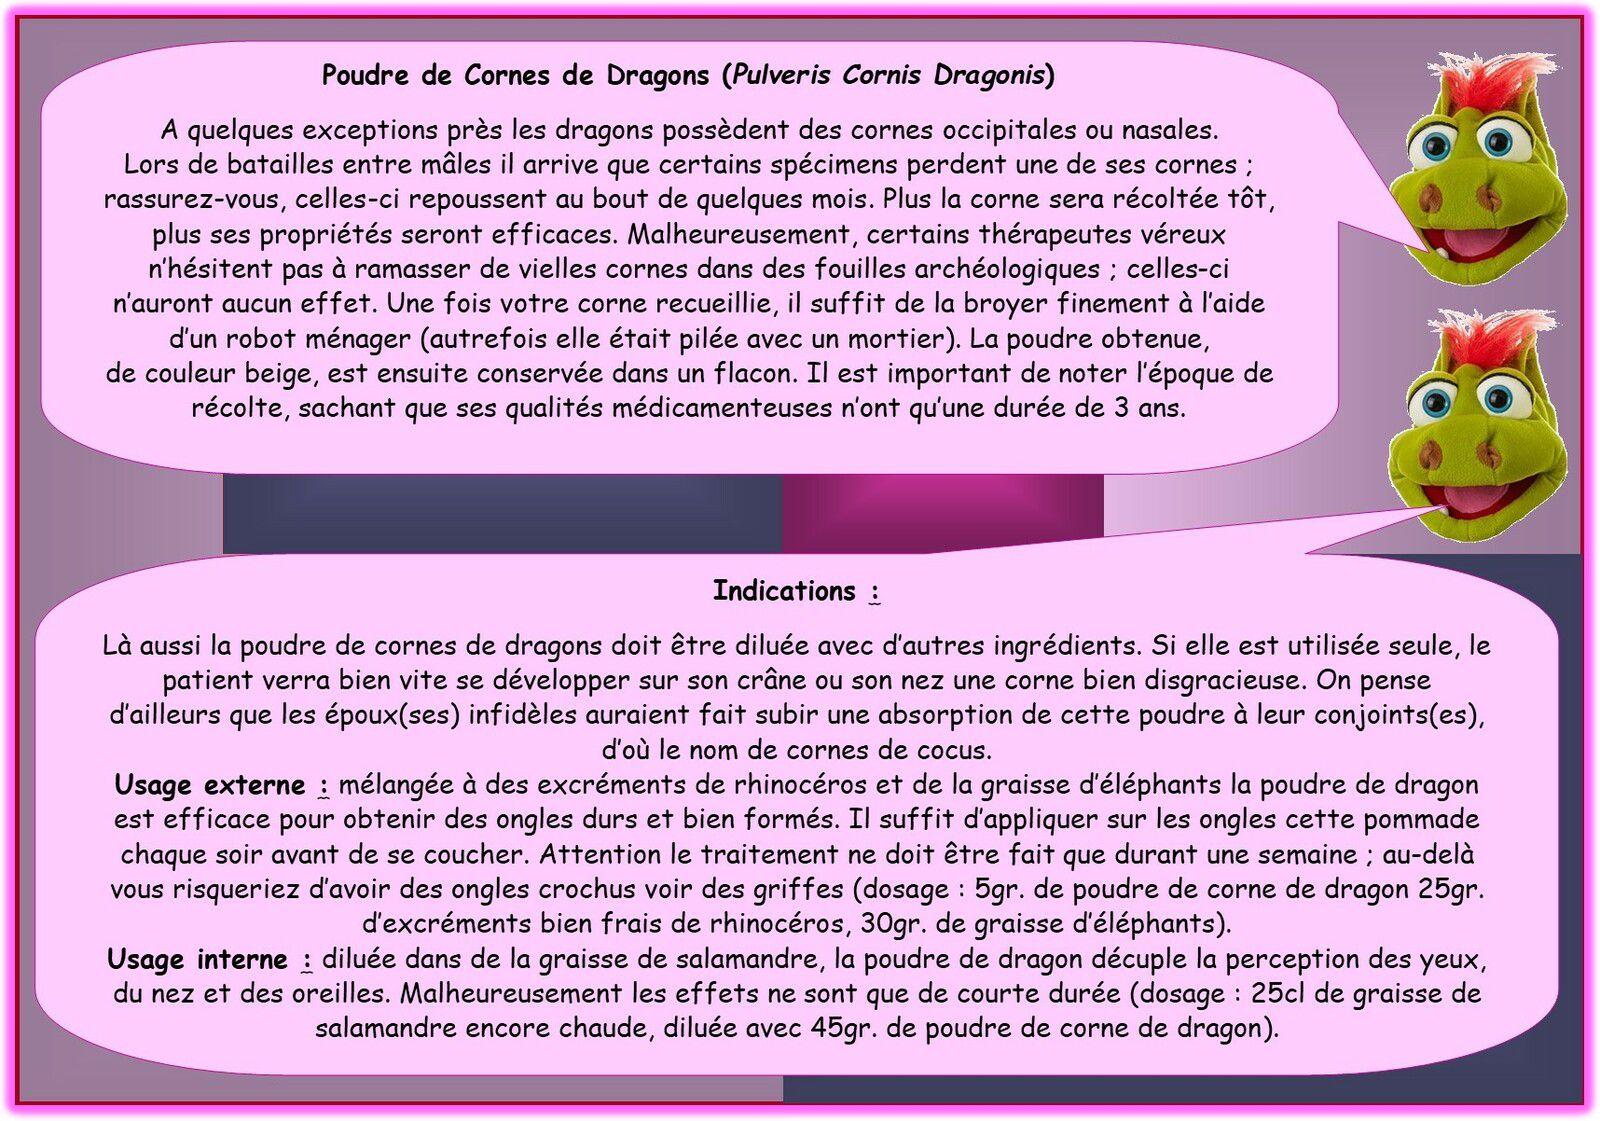 DRACOTHICAIRE : Une profession méconnue